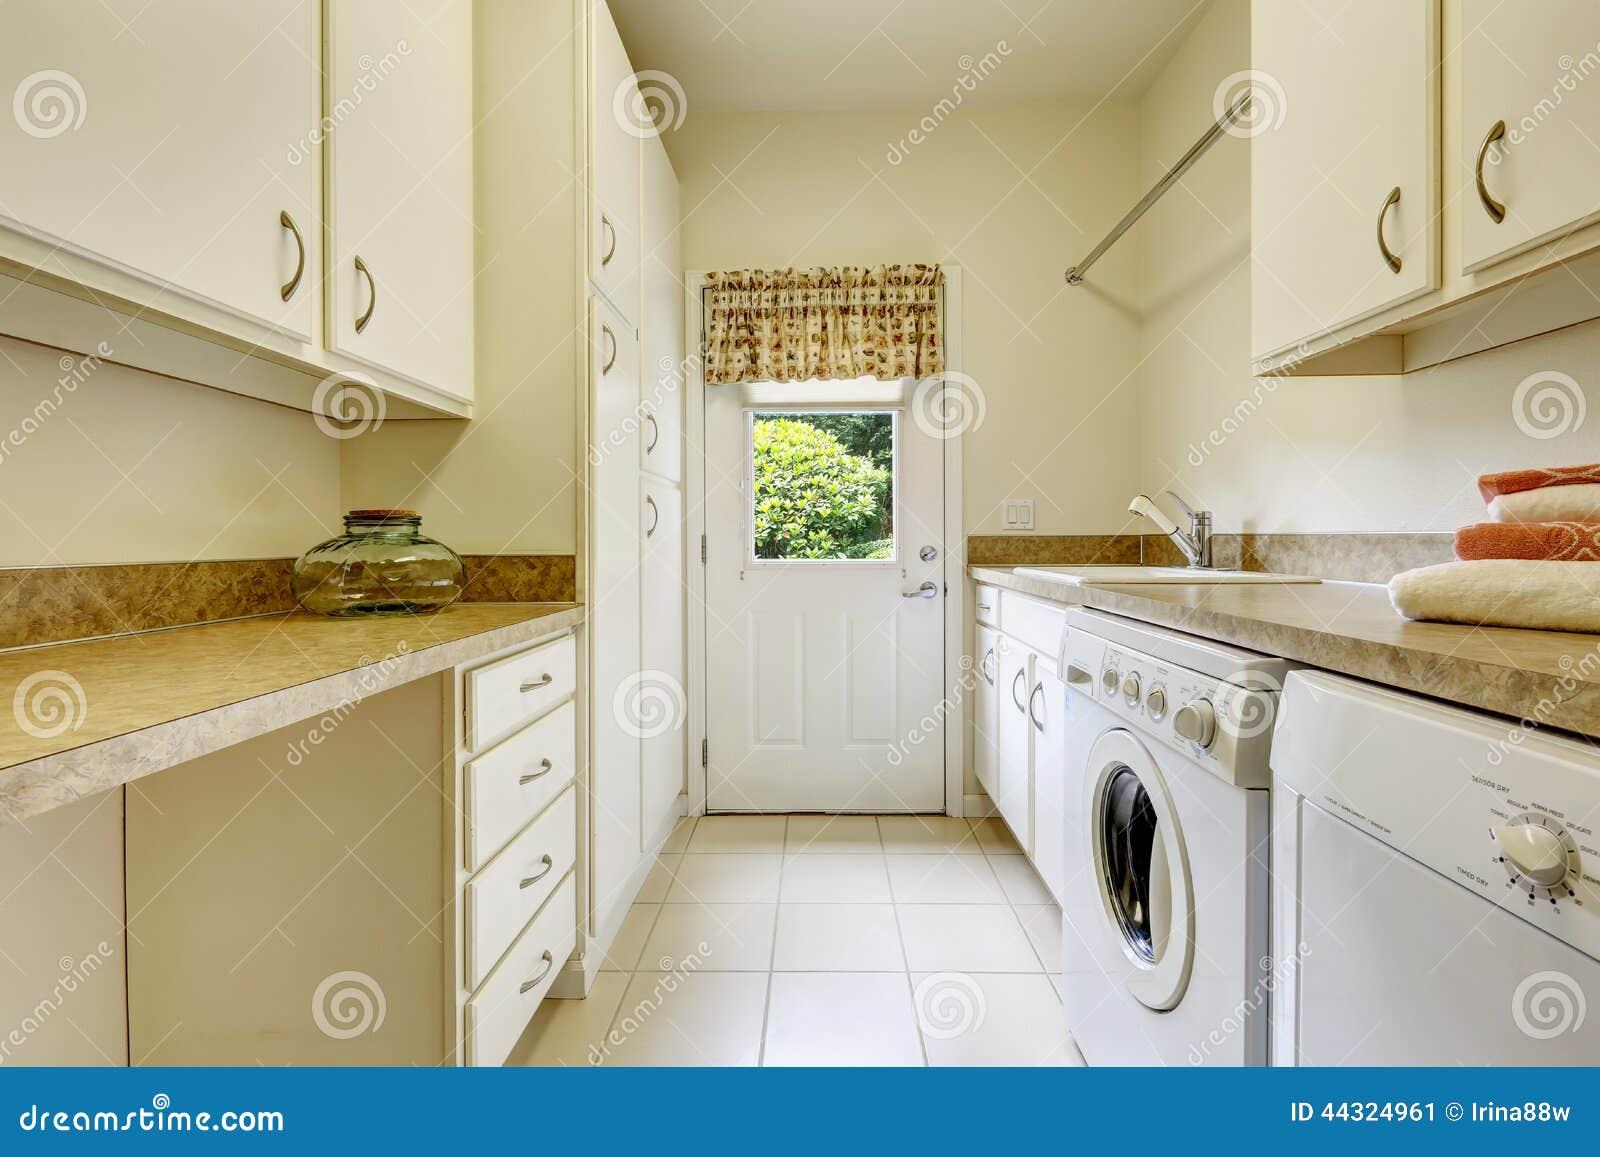 Vit tvättstuga royaltyfria bilder   bild: 38619839